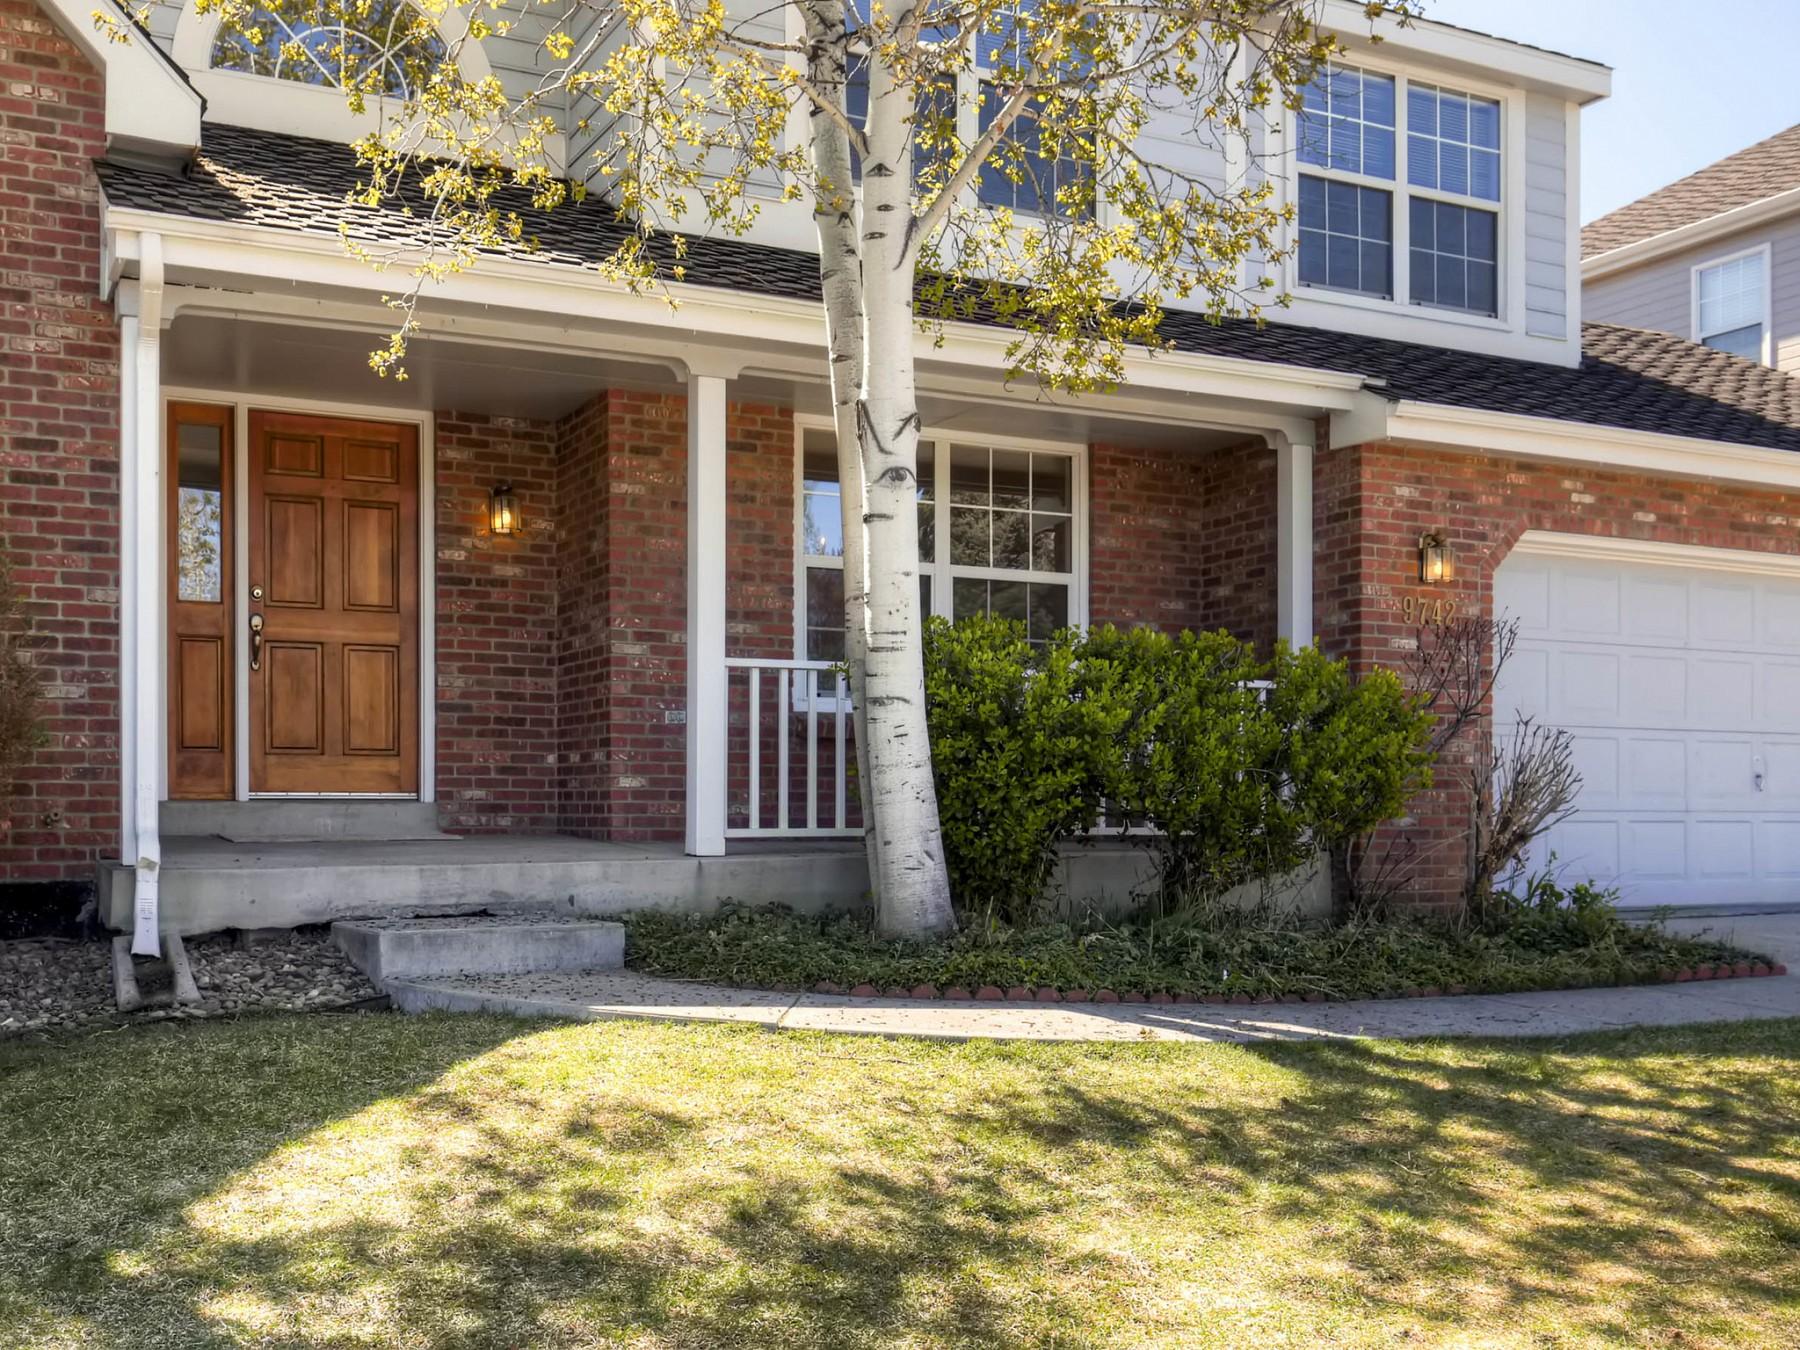 9742 West Brandt Place, Littleton, CO 80123